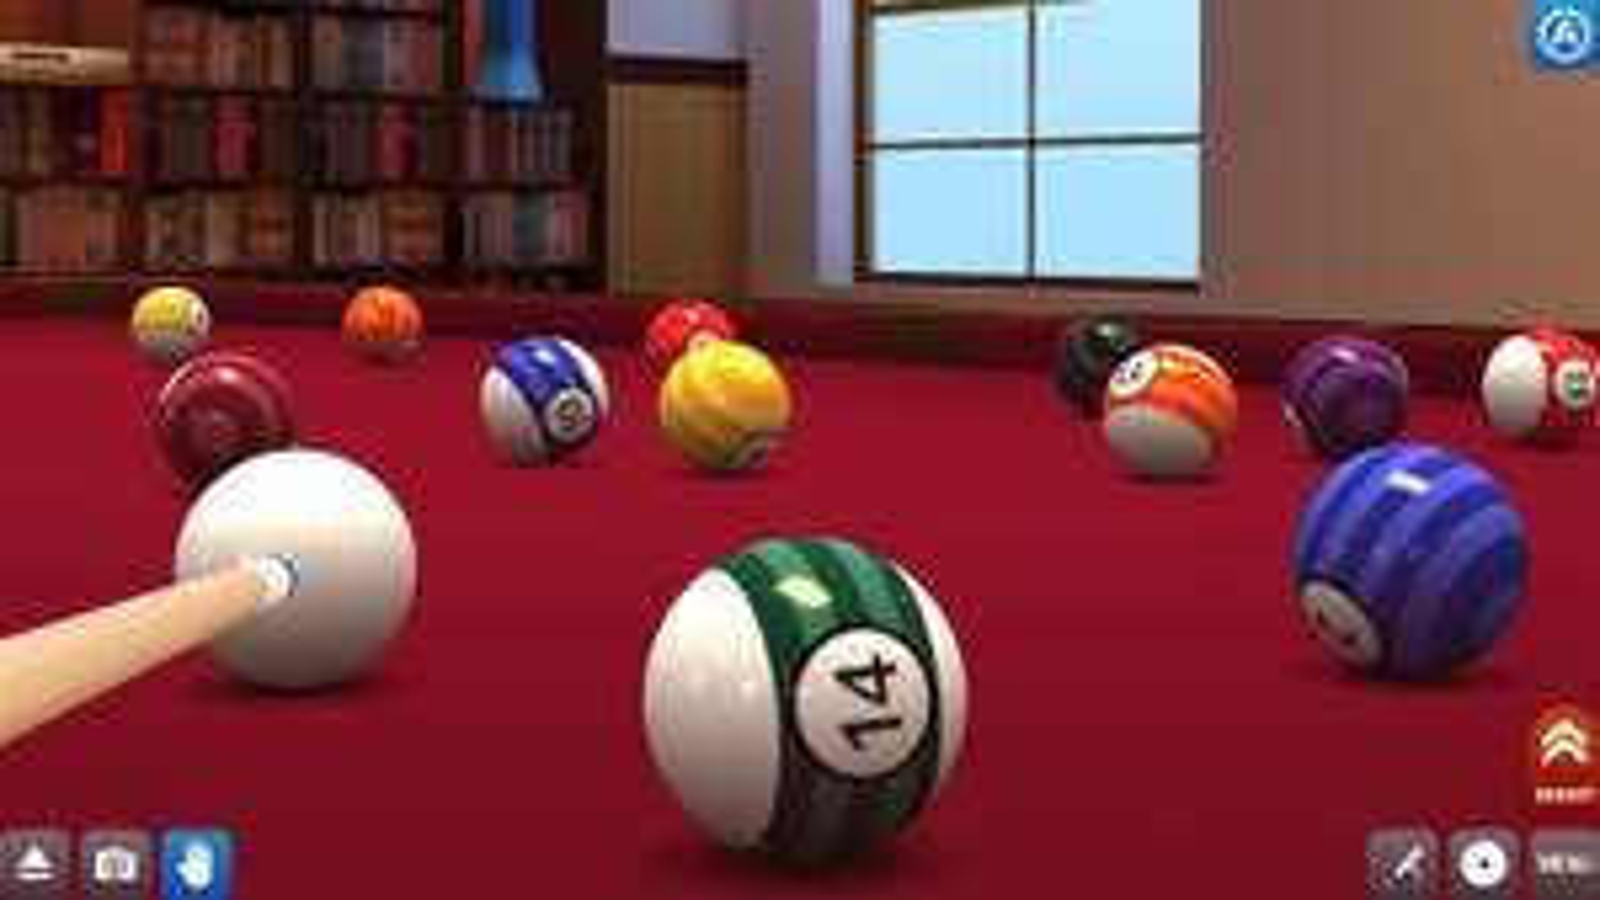 Pool Break Pro 3D Billiards @ Android Play Store obecnie za darmo